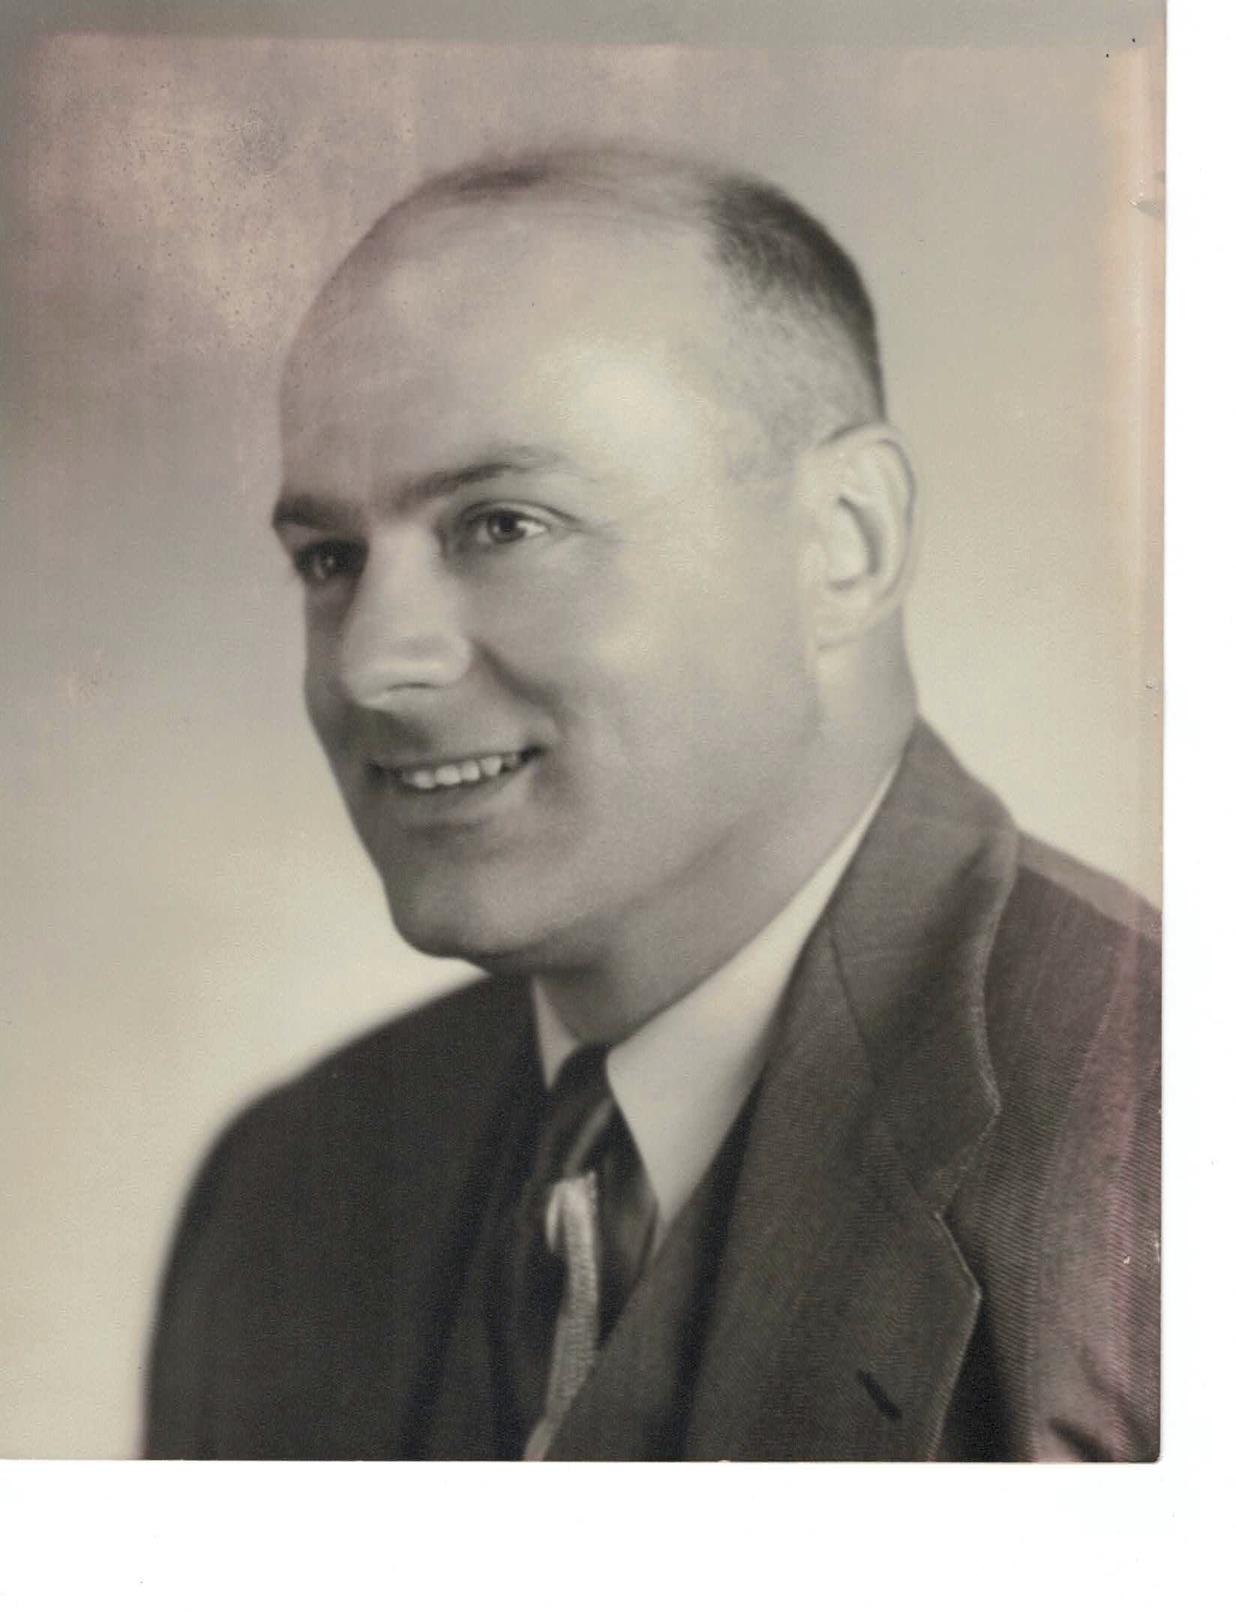 F. G. CLARKE JR. 1951-52